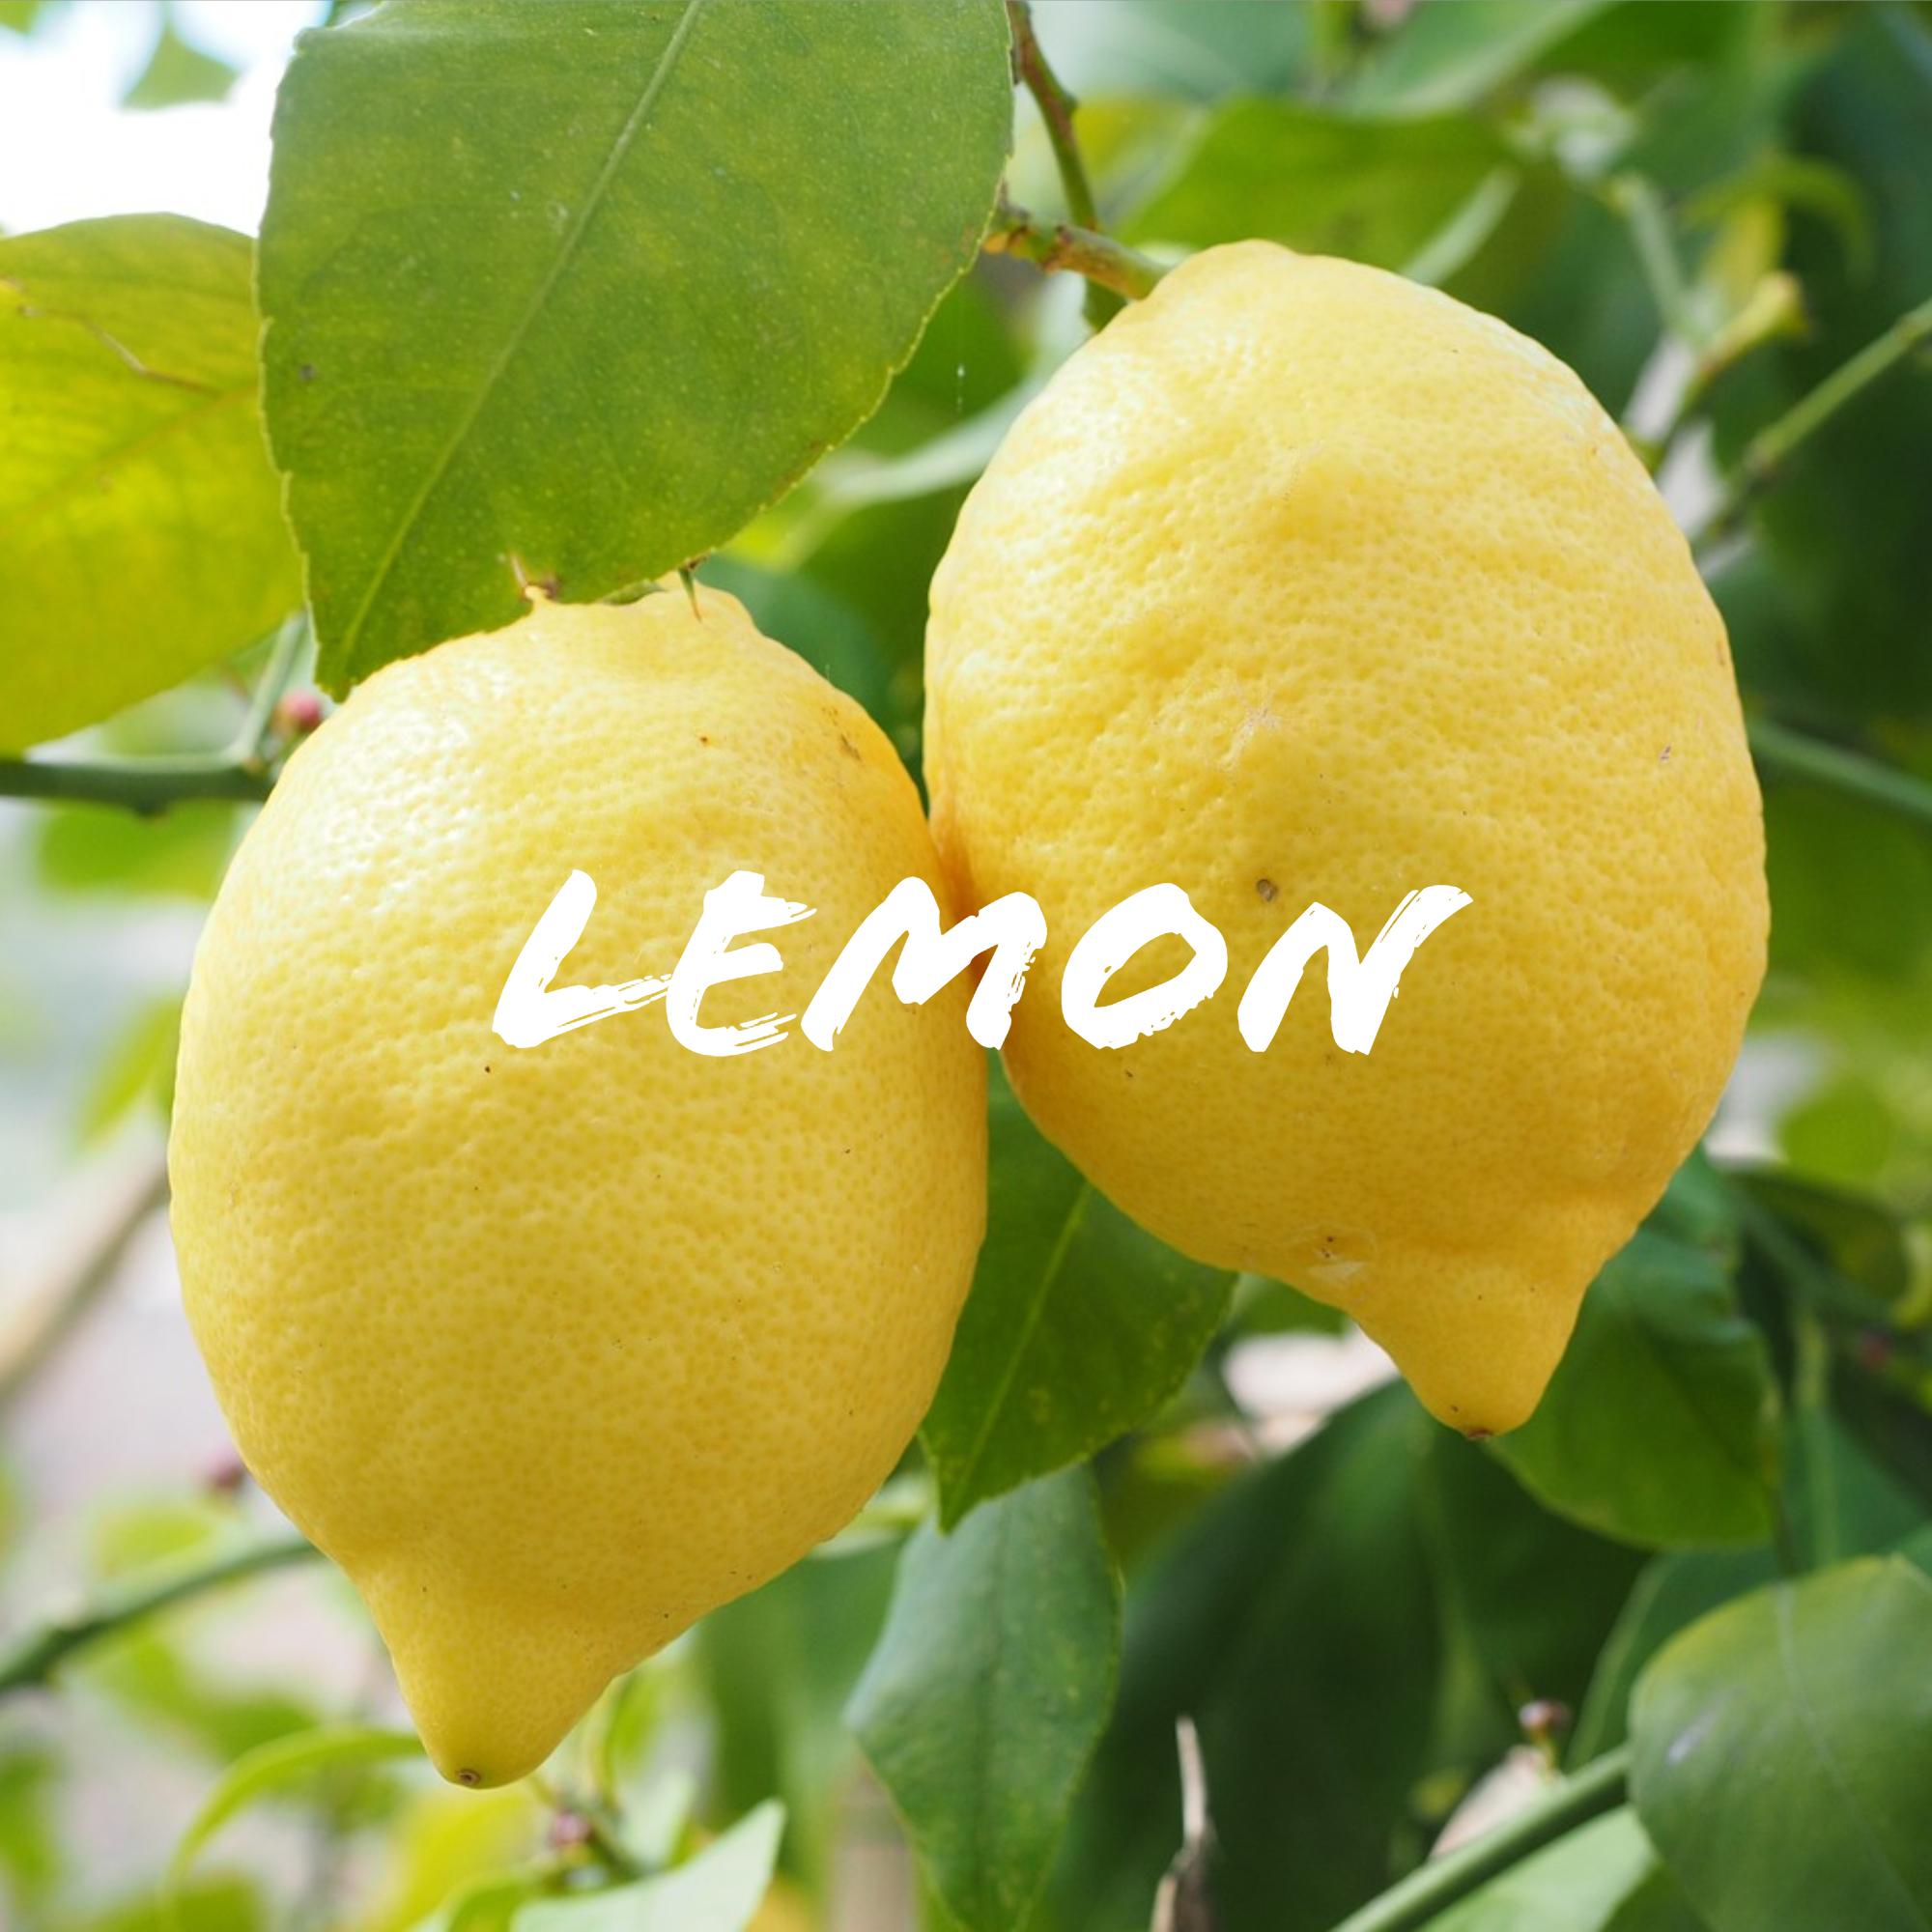 Lemon_Green.jpg